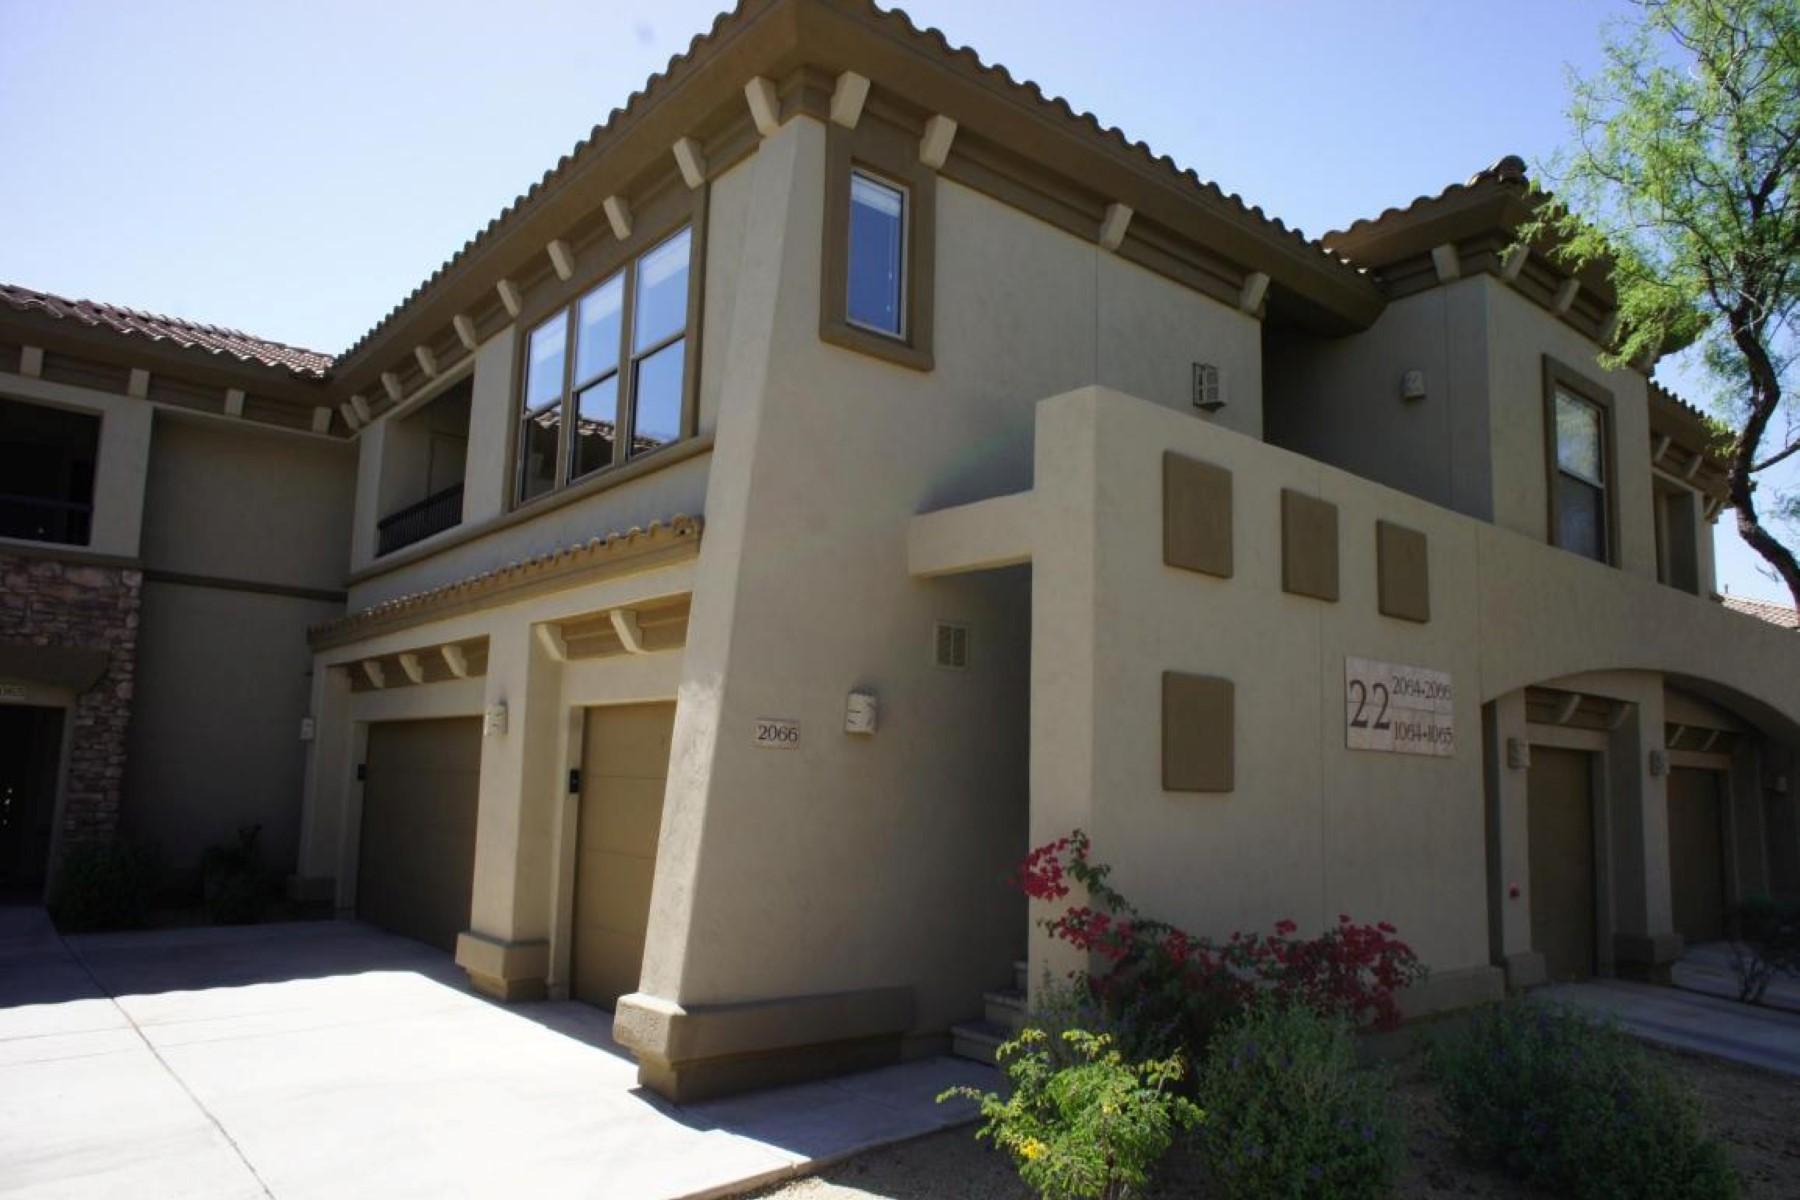 Wohnung für Verkauf beim Lovely home minutes away from the 101 19700 N 76th St #2066 Scottsdale, Arizona, 85255 Vereinigte Staaten